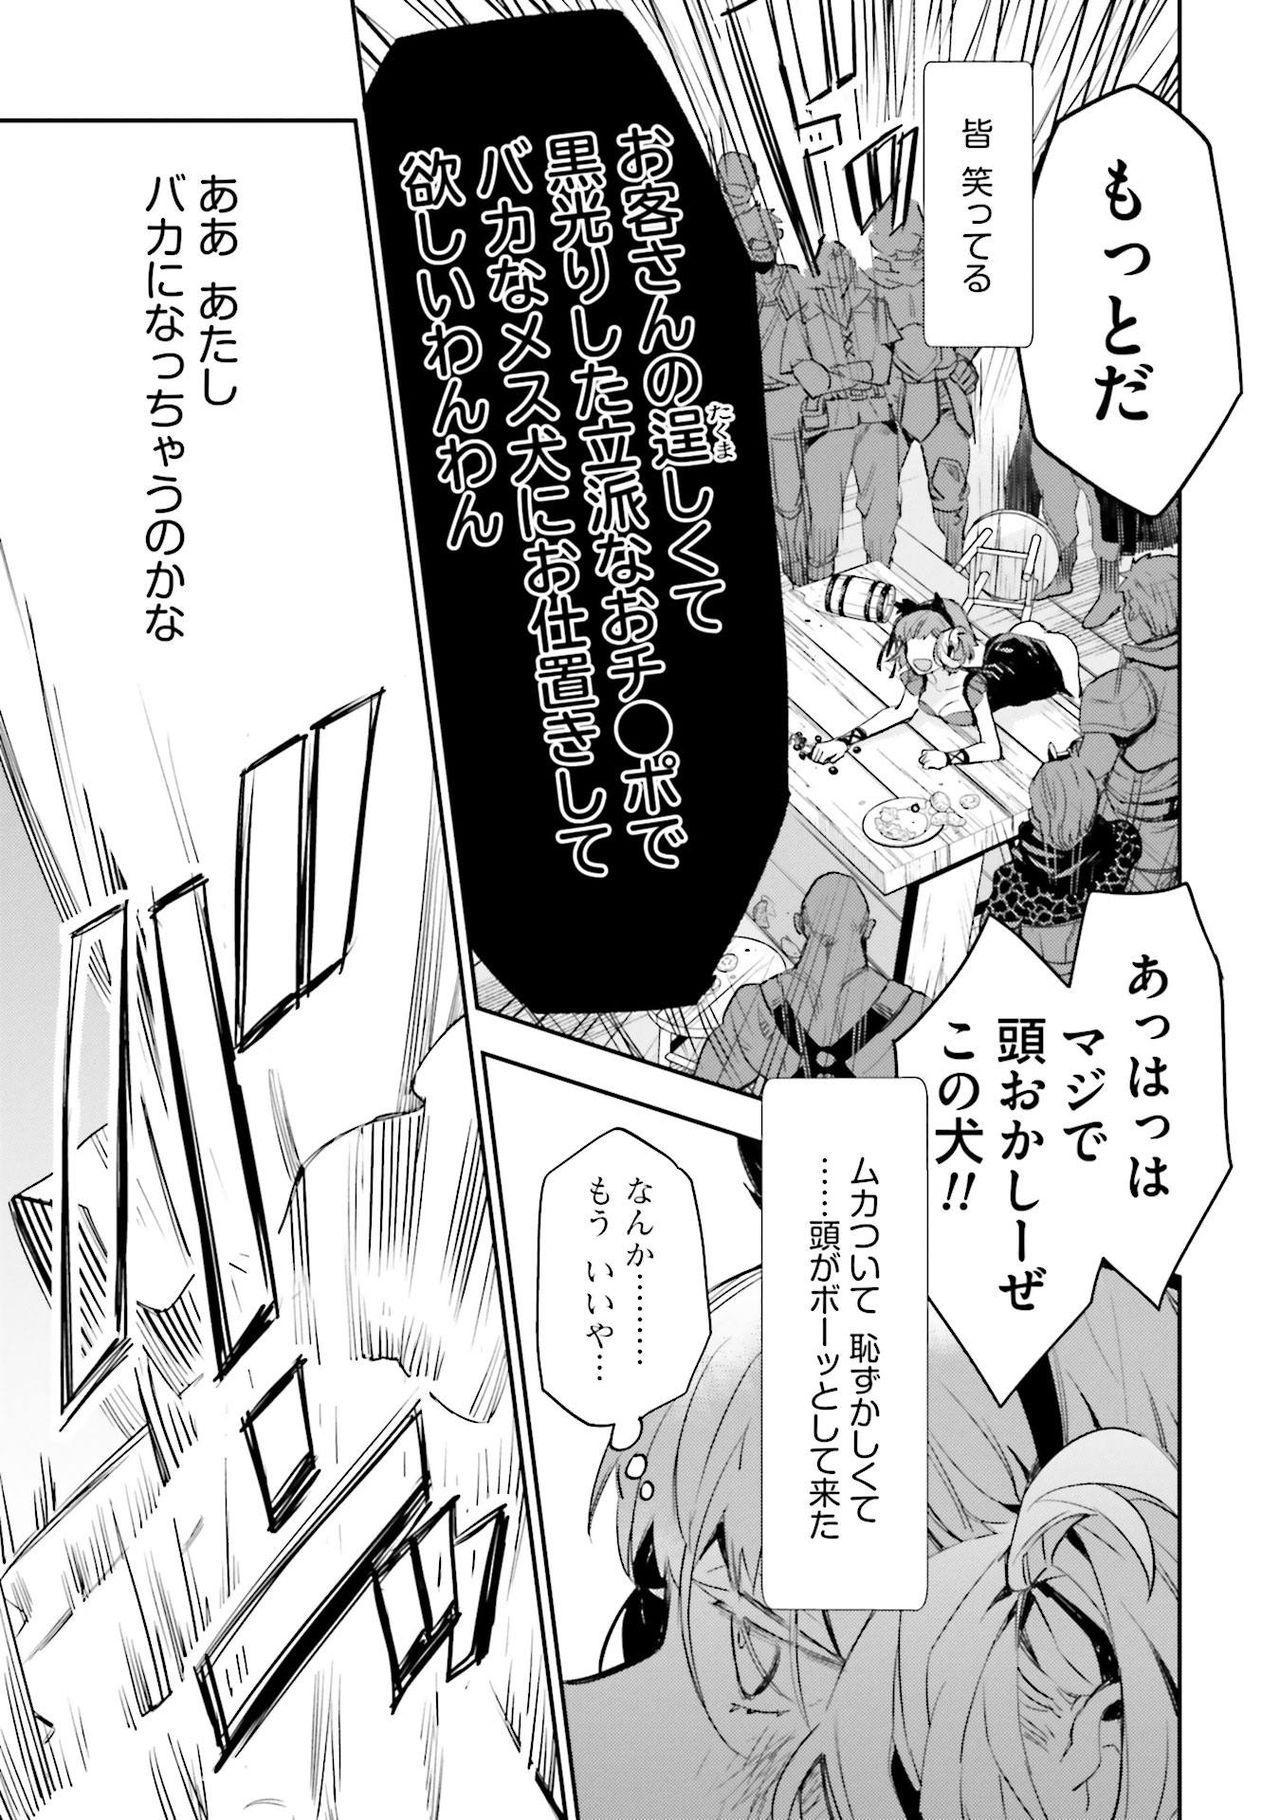 JK Haru wa Isekai de Shoufu ni Natta 1-14 253